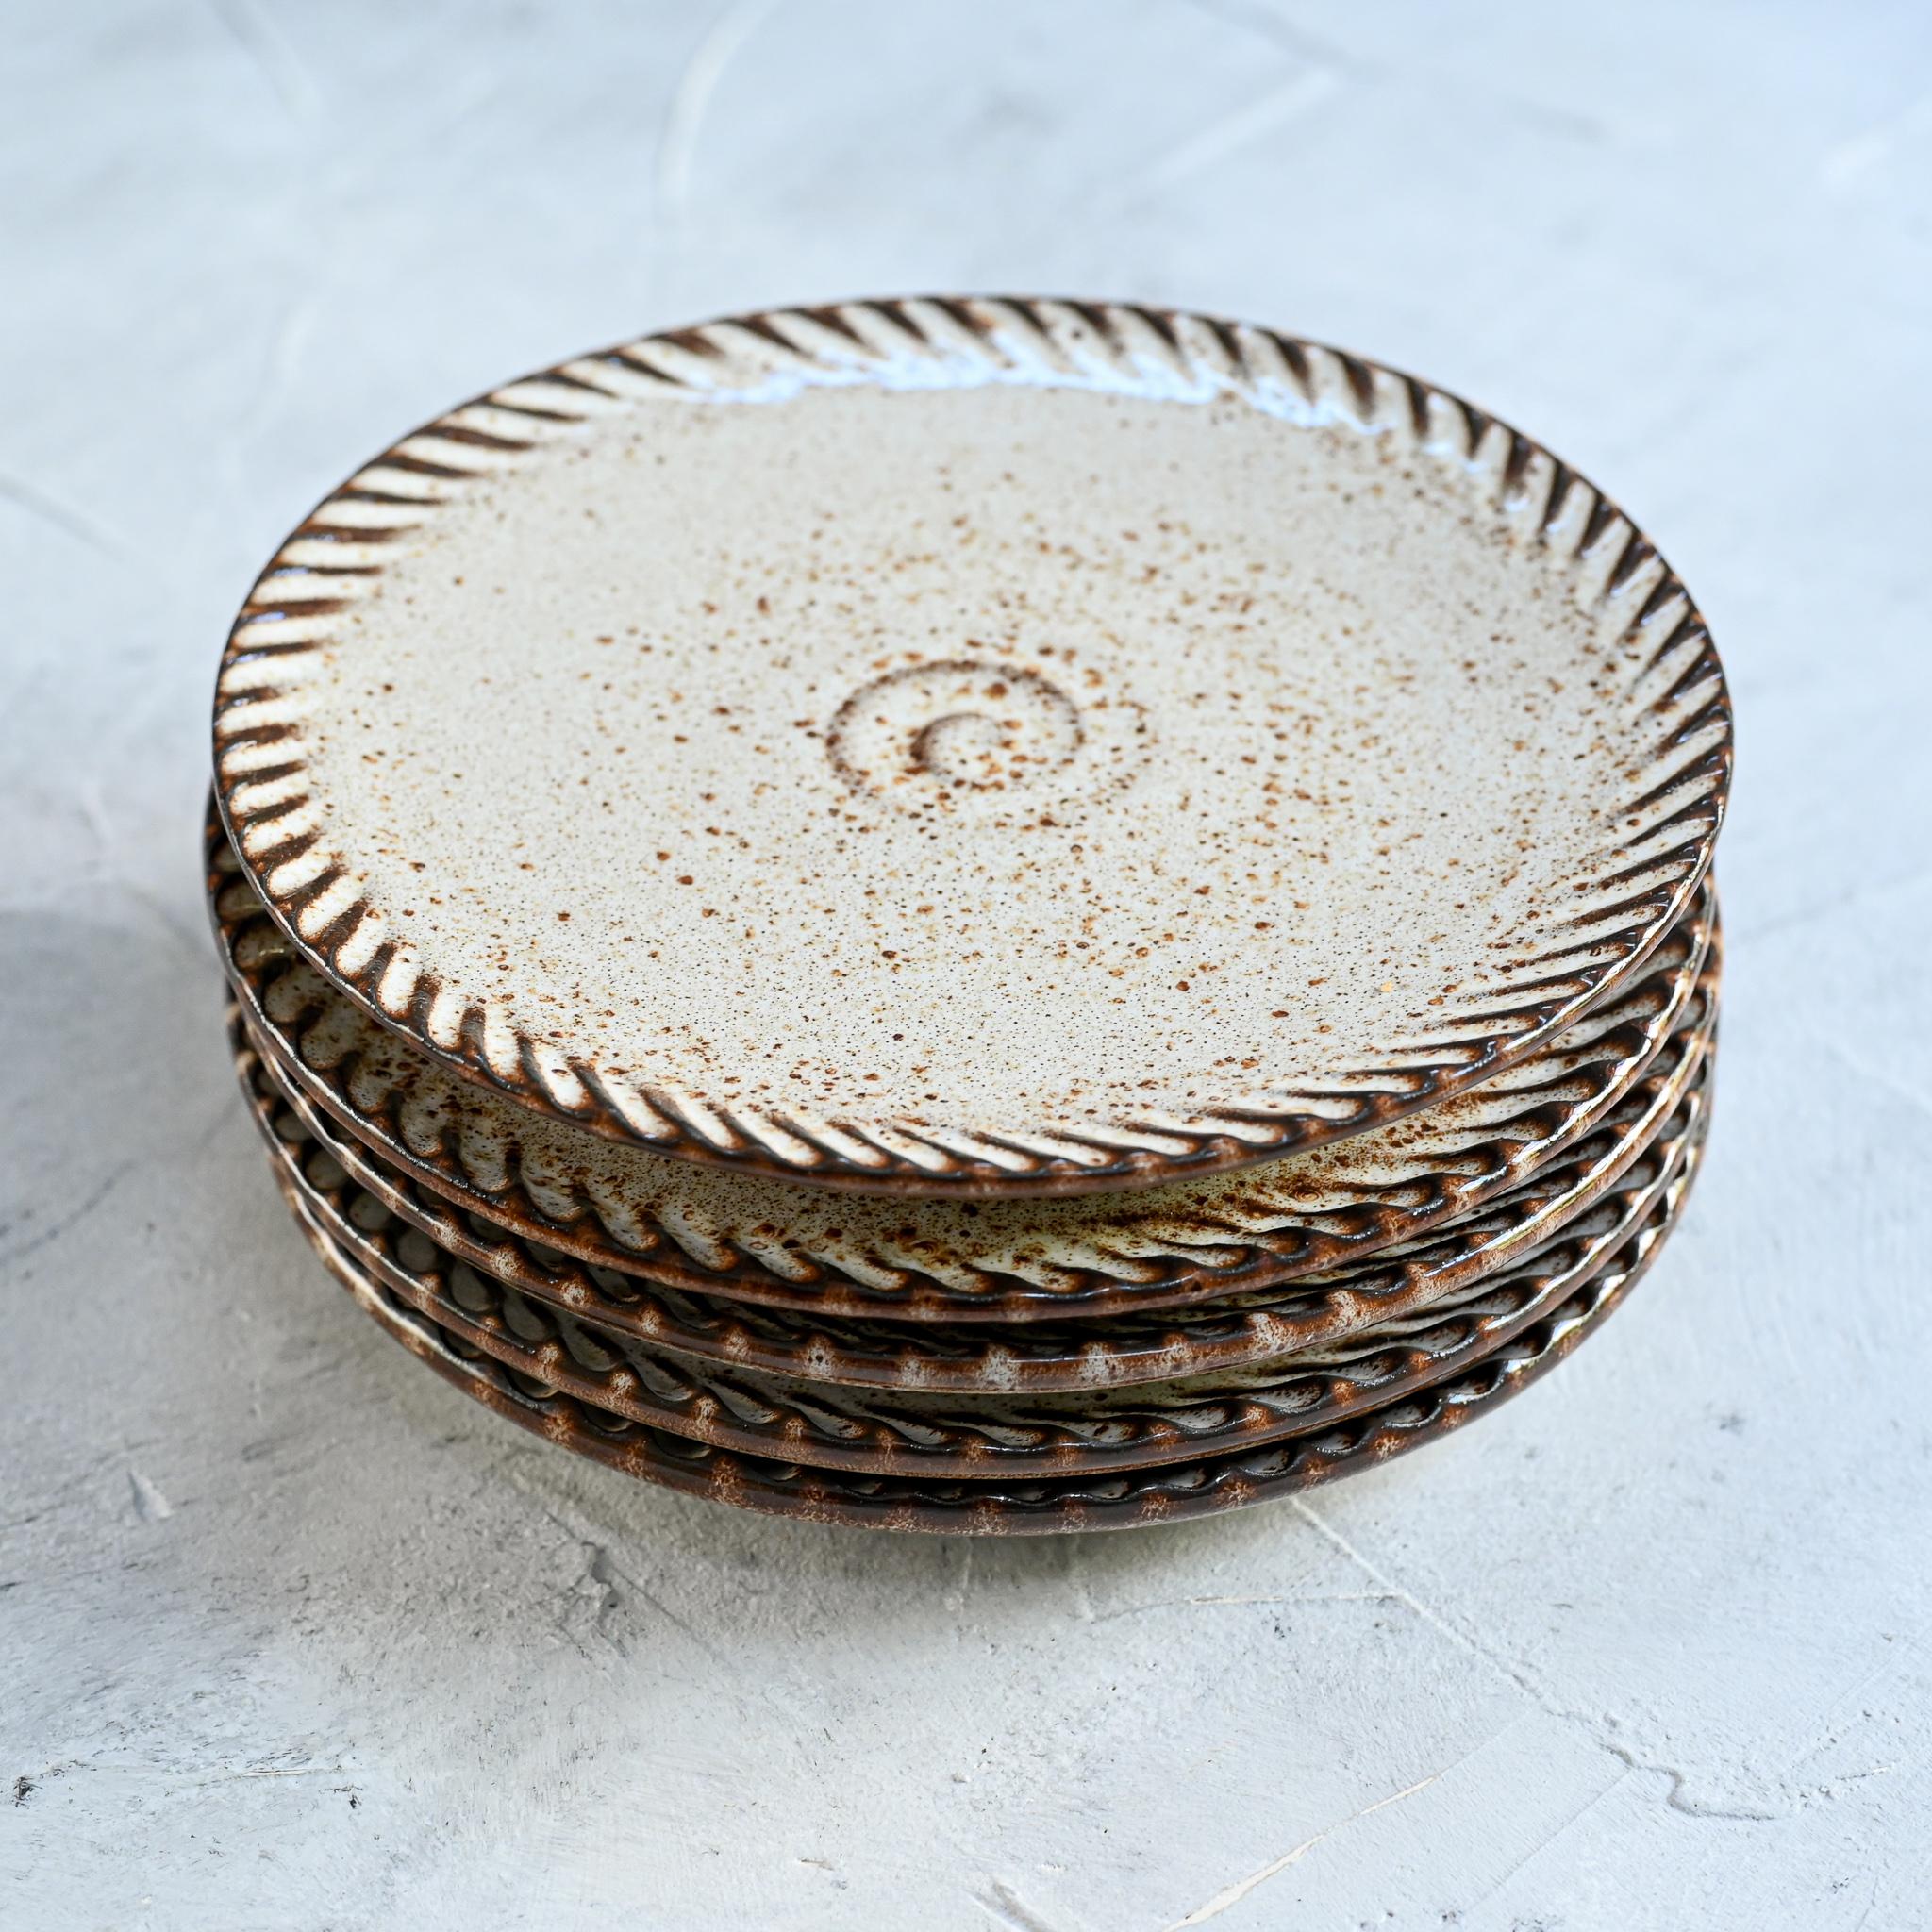 """картинка Керамическая тарелка из серии """"Линии"""" 16,5 см - DishWishes.Ru"""